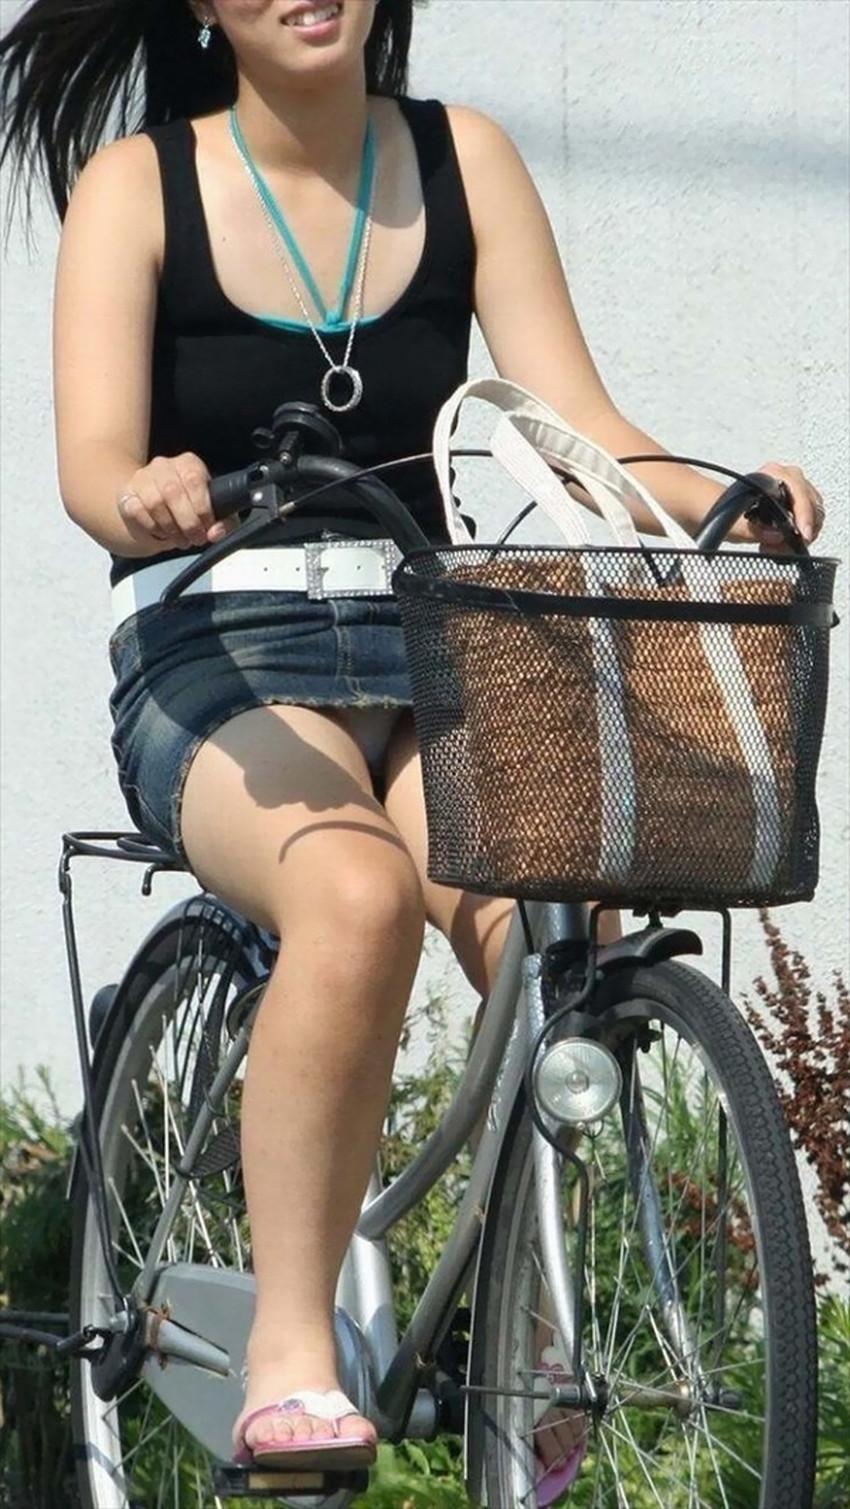 【チャリンコ女子エロ画像】自転車通学の制服JKやスーツOLのパンチラや食い込む美尻が朝から嬉し過ぎるチャリンコ女子のエロ画像集!ww【80枚】 18